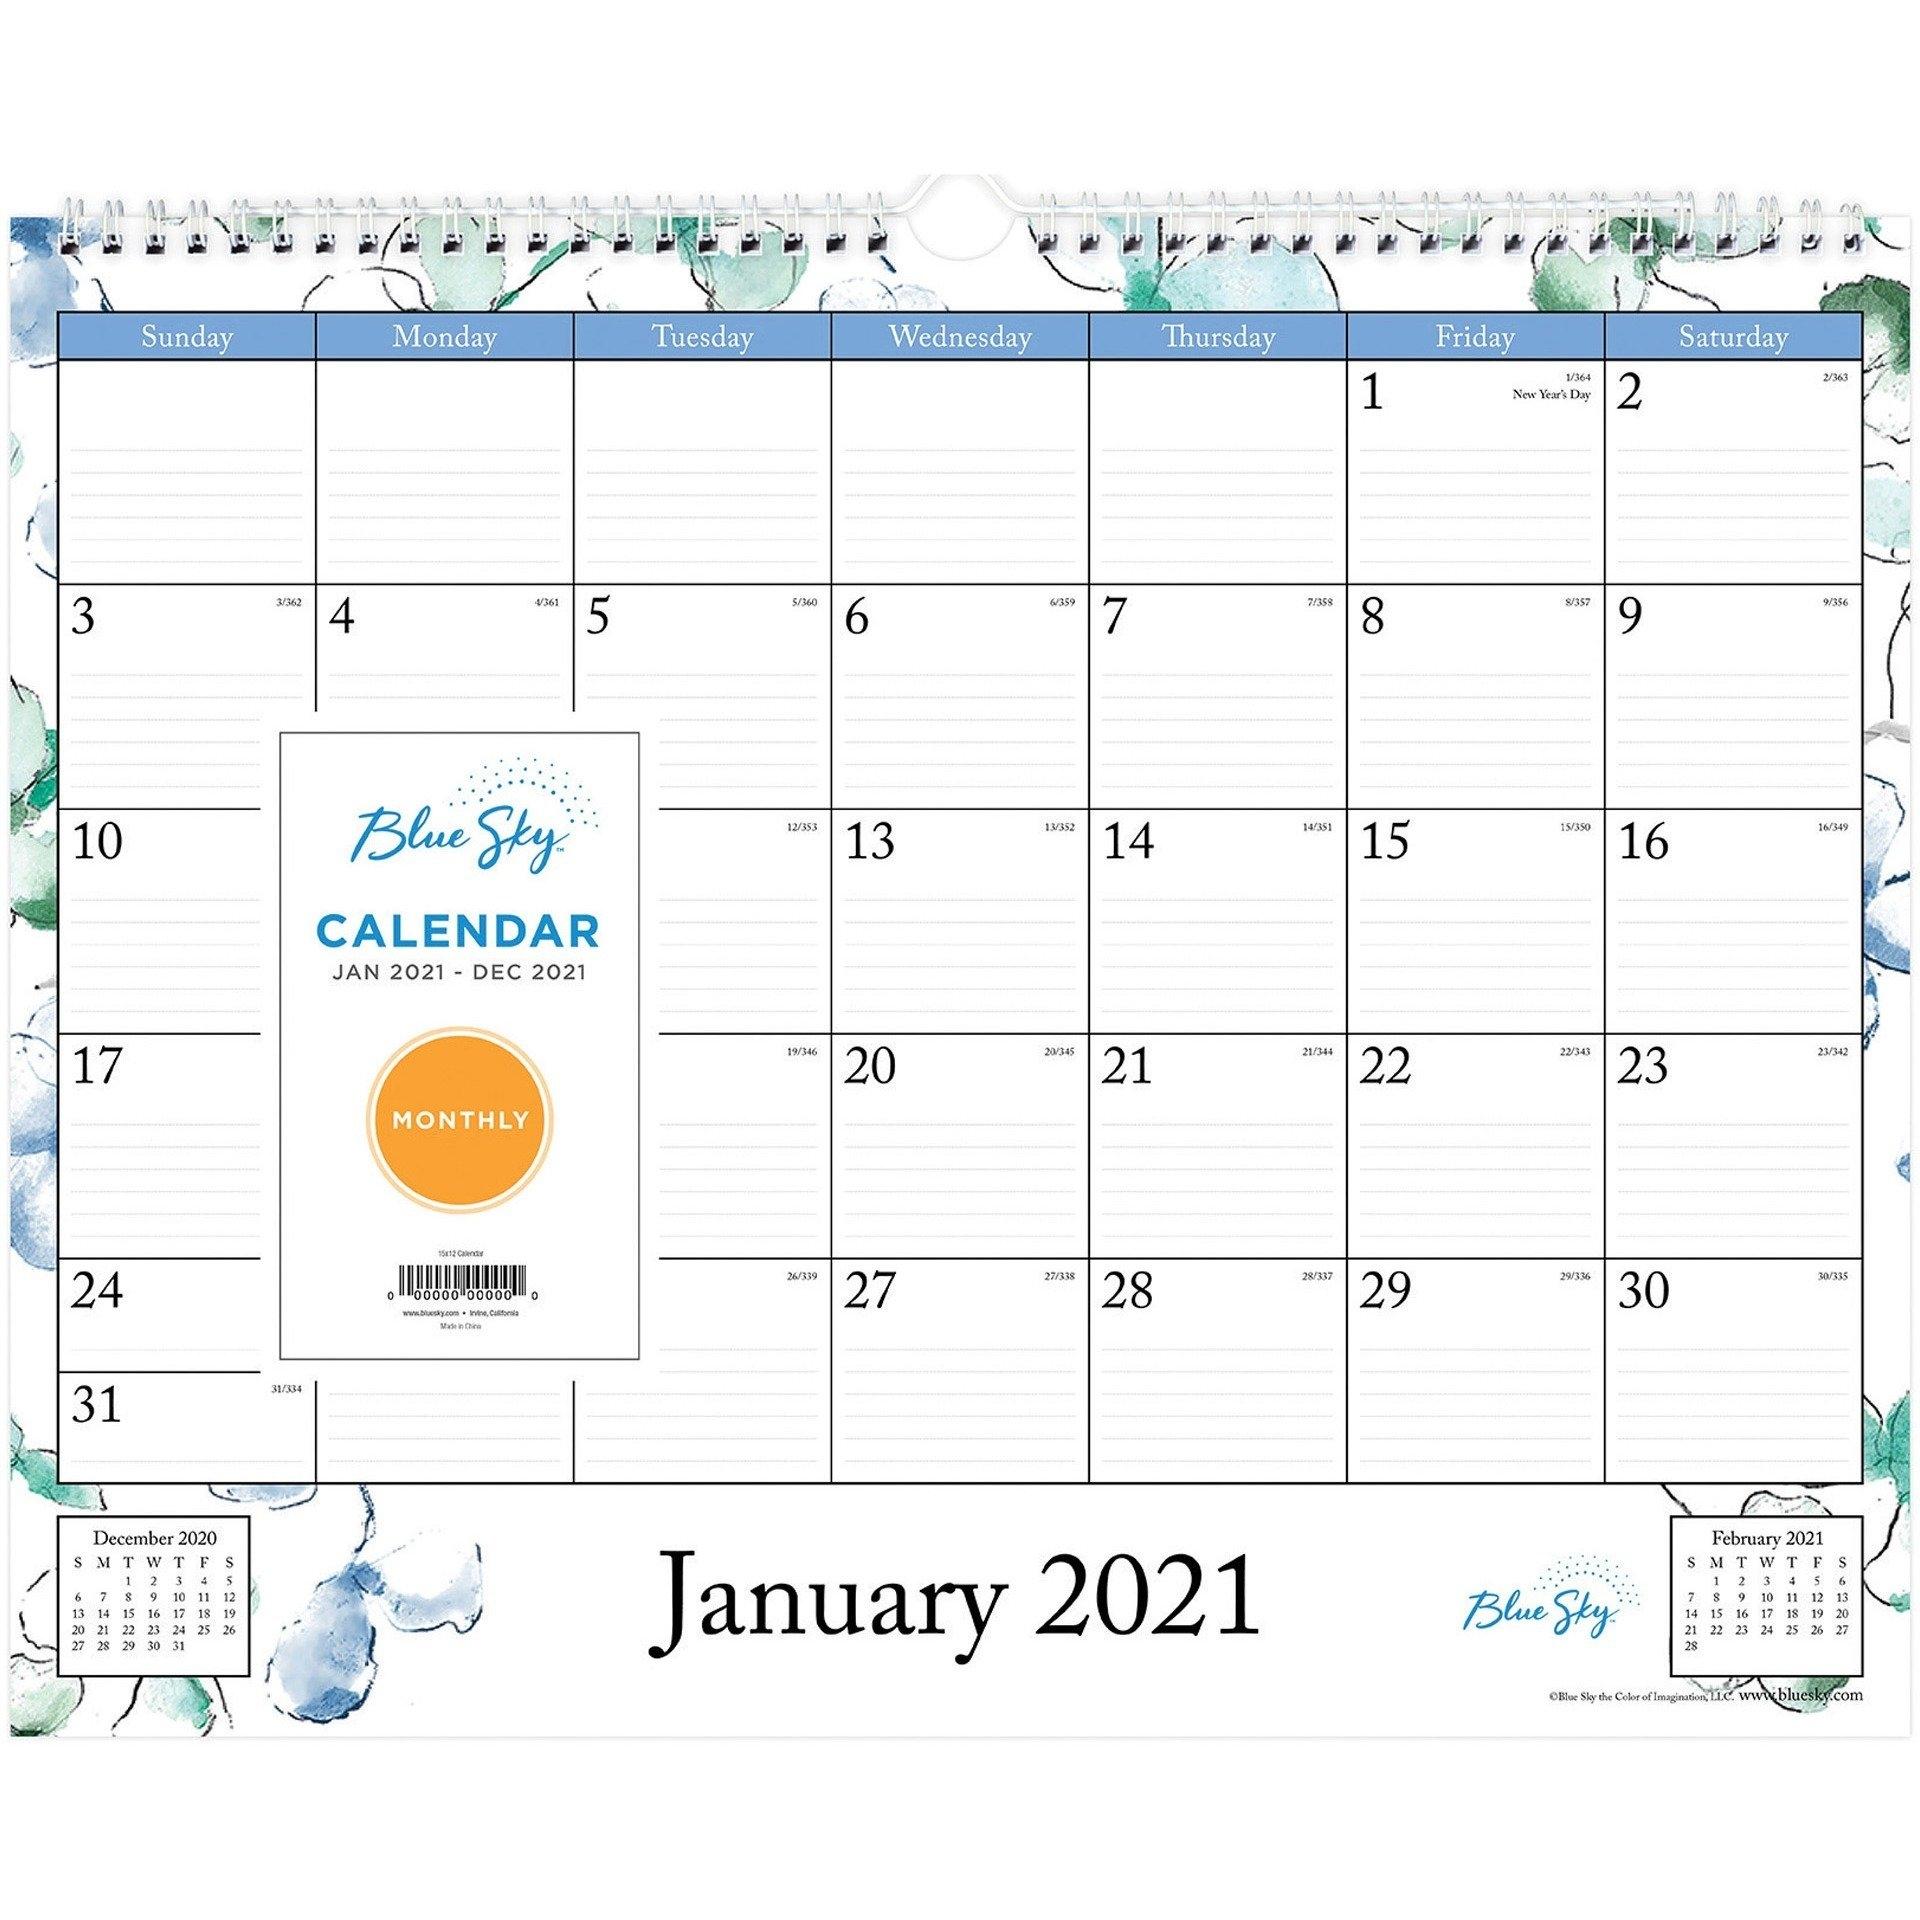 Blue Sky Lindley Wall Calendar - Julian Dates - Monthly - 1 Year - January 2021 Till December pertaining to 2021 Julian Date Calendar